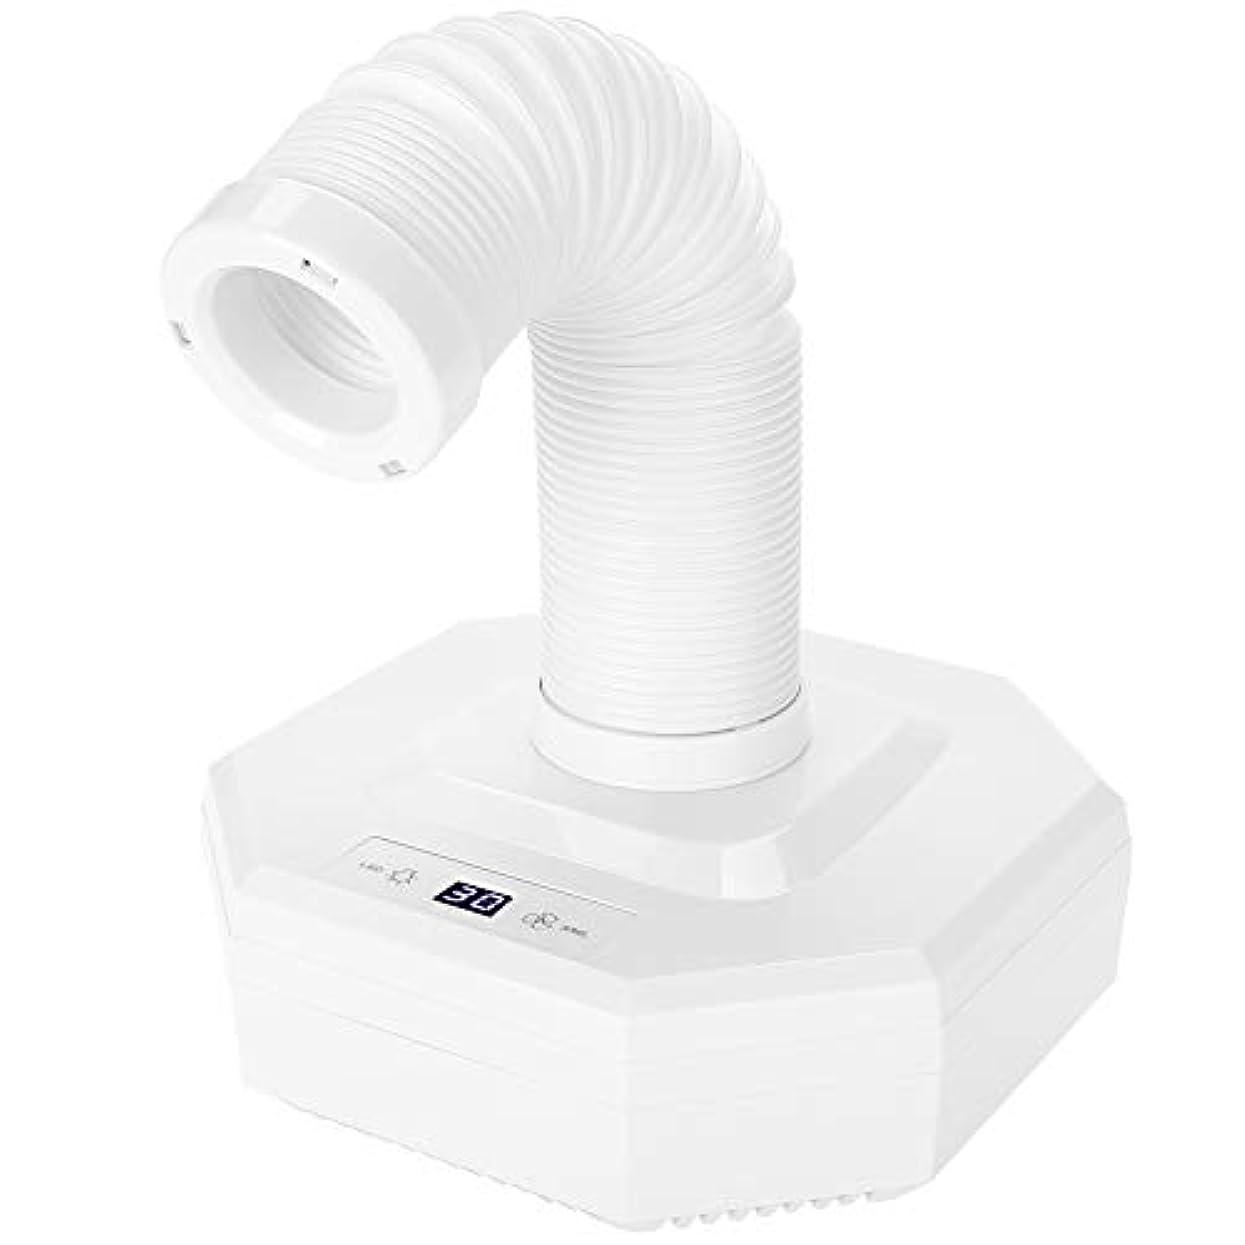 建物恐れドライブネイル集塵機、60ワット強力なパワーマニキュア吸引掃除機用サロンuvジェルアクリルアートペディキュアツール(白)